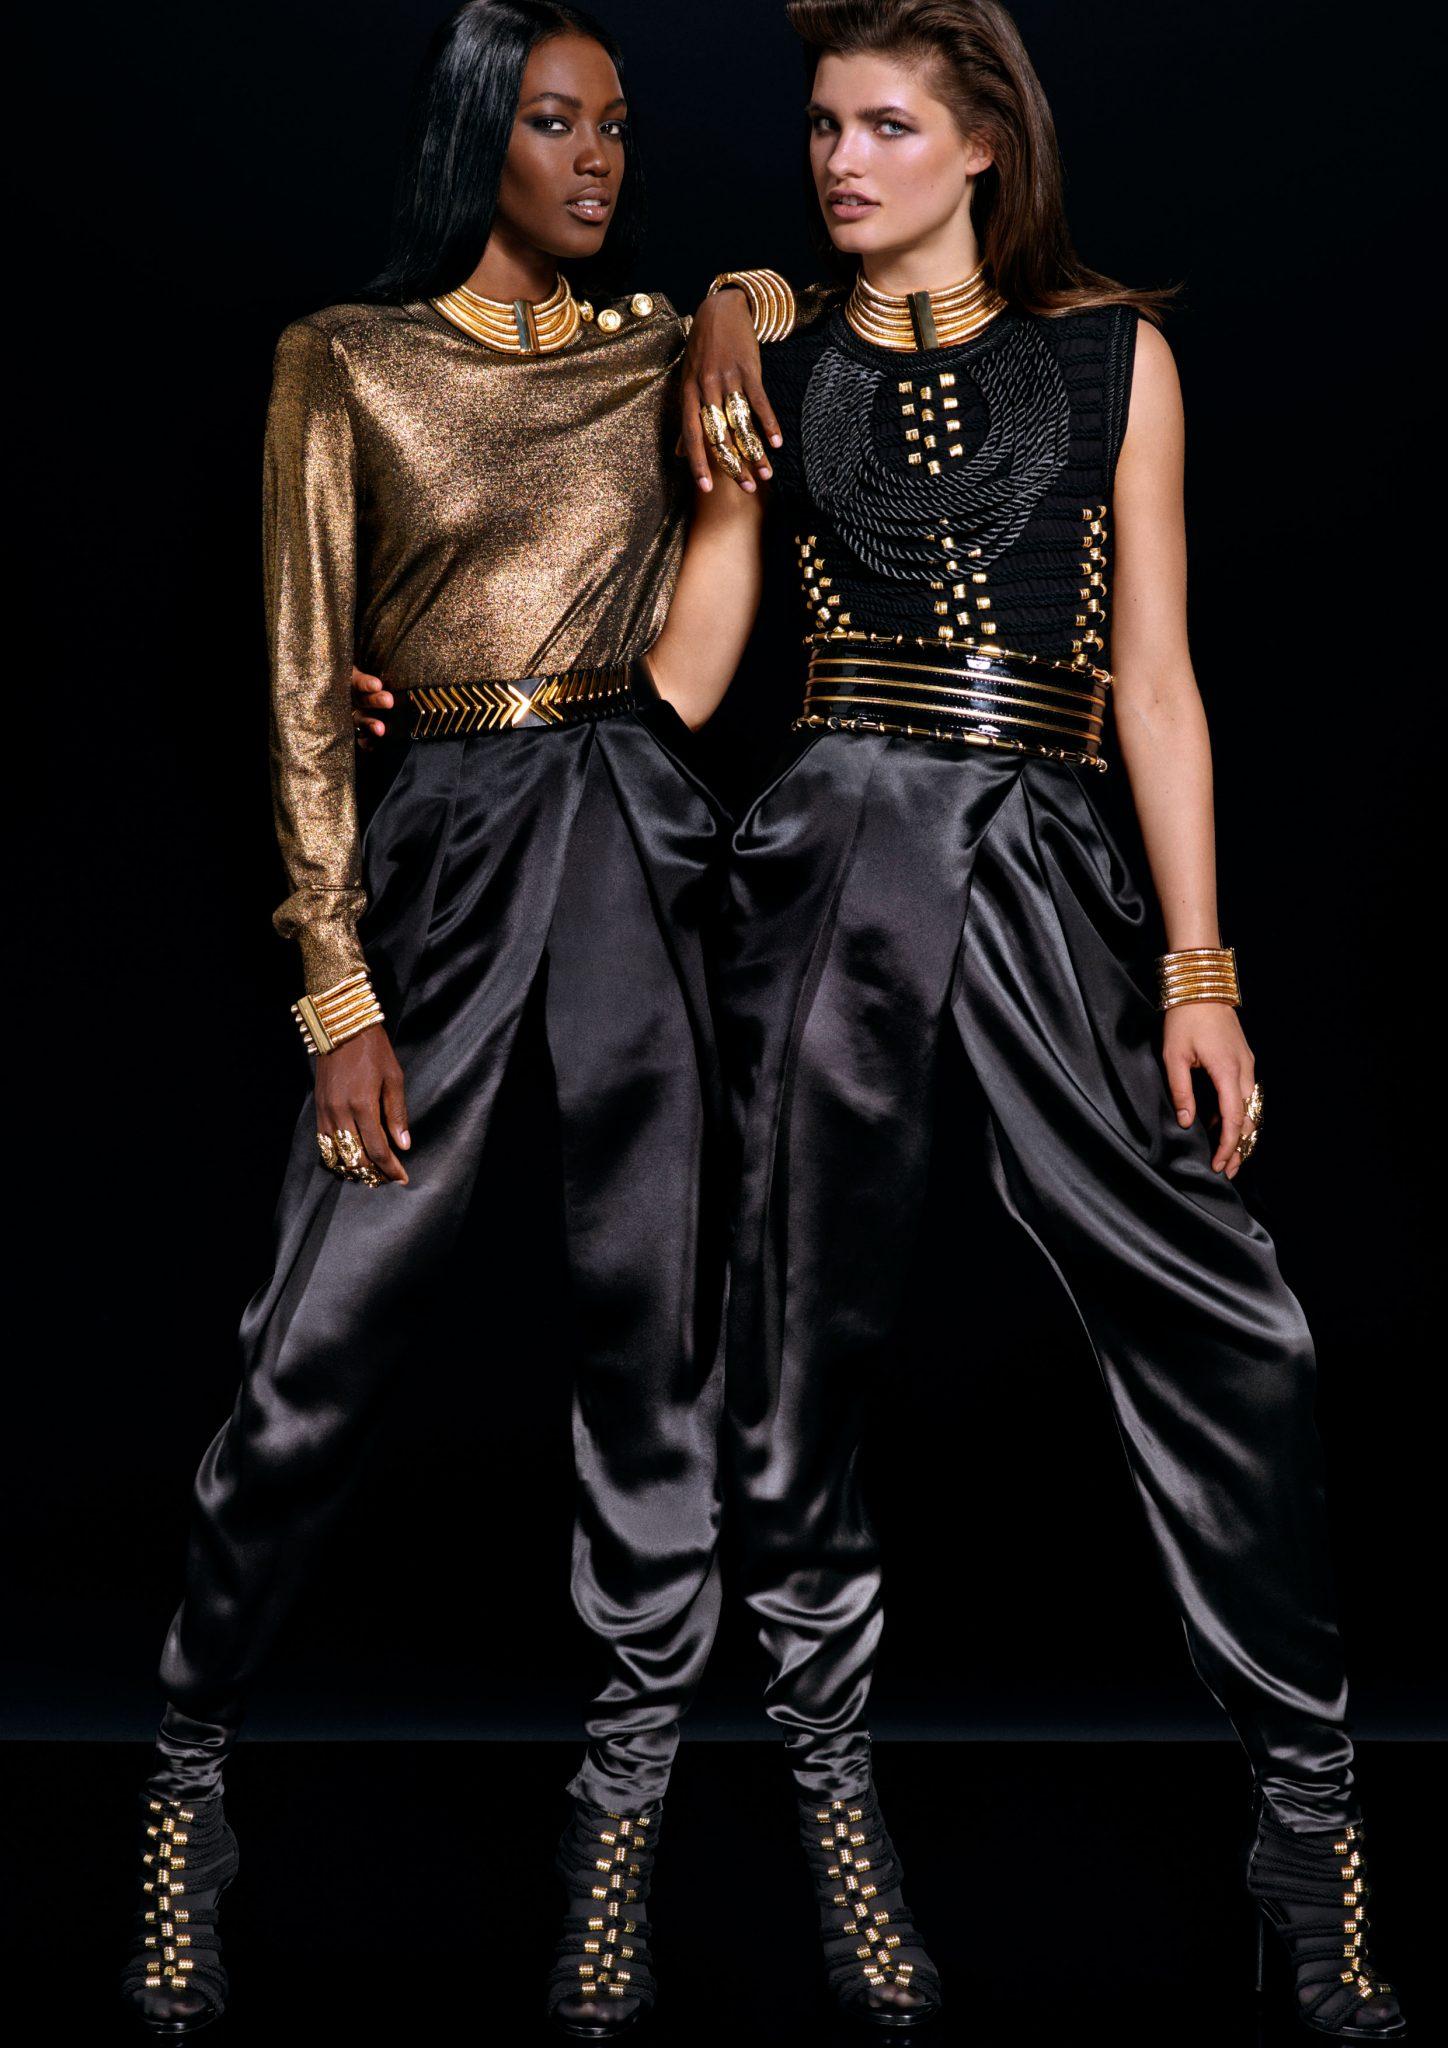 Lookbook: Balmain X H&M Fall 2015